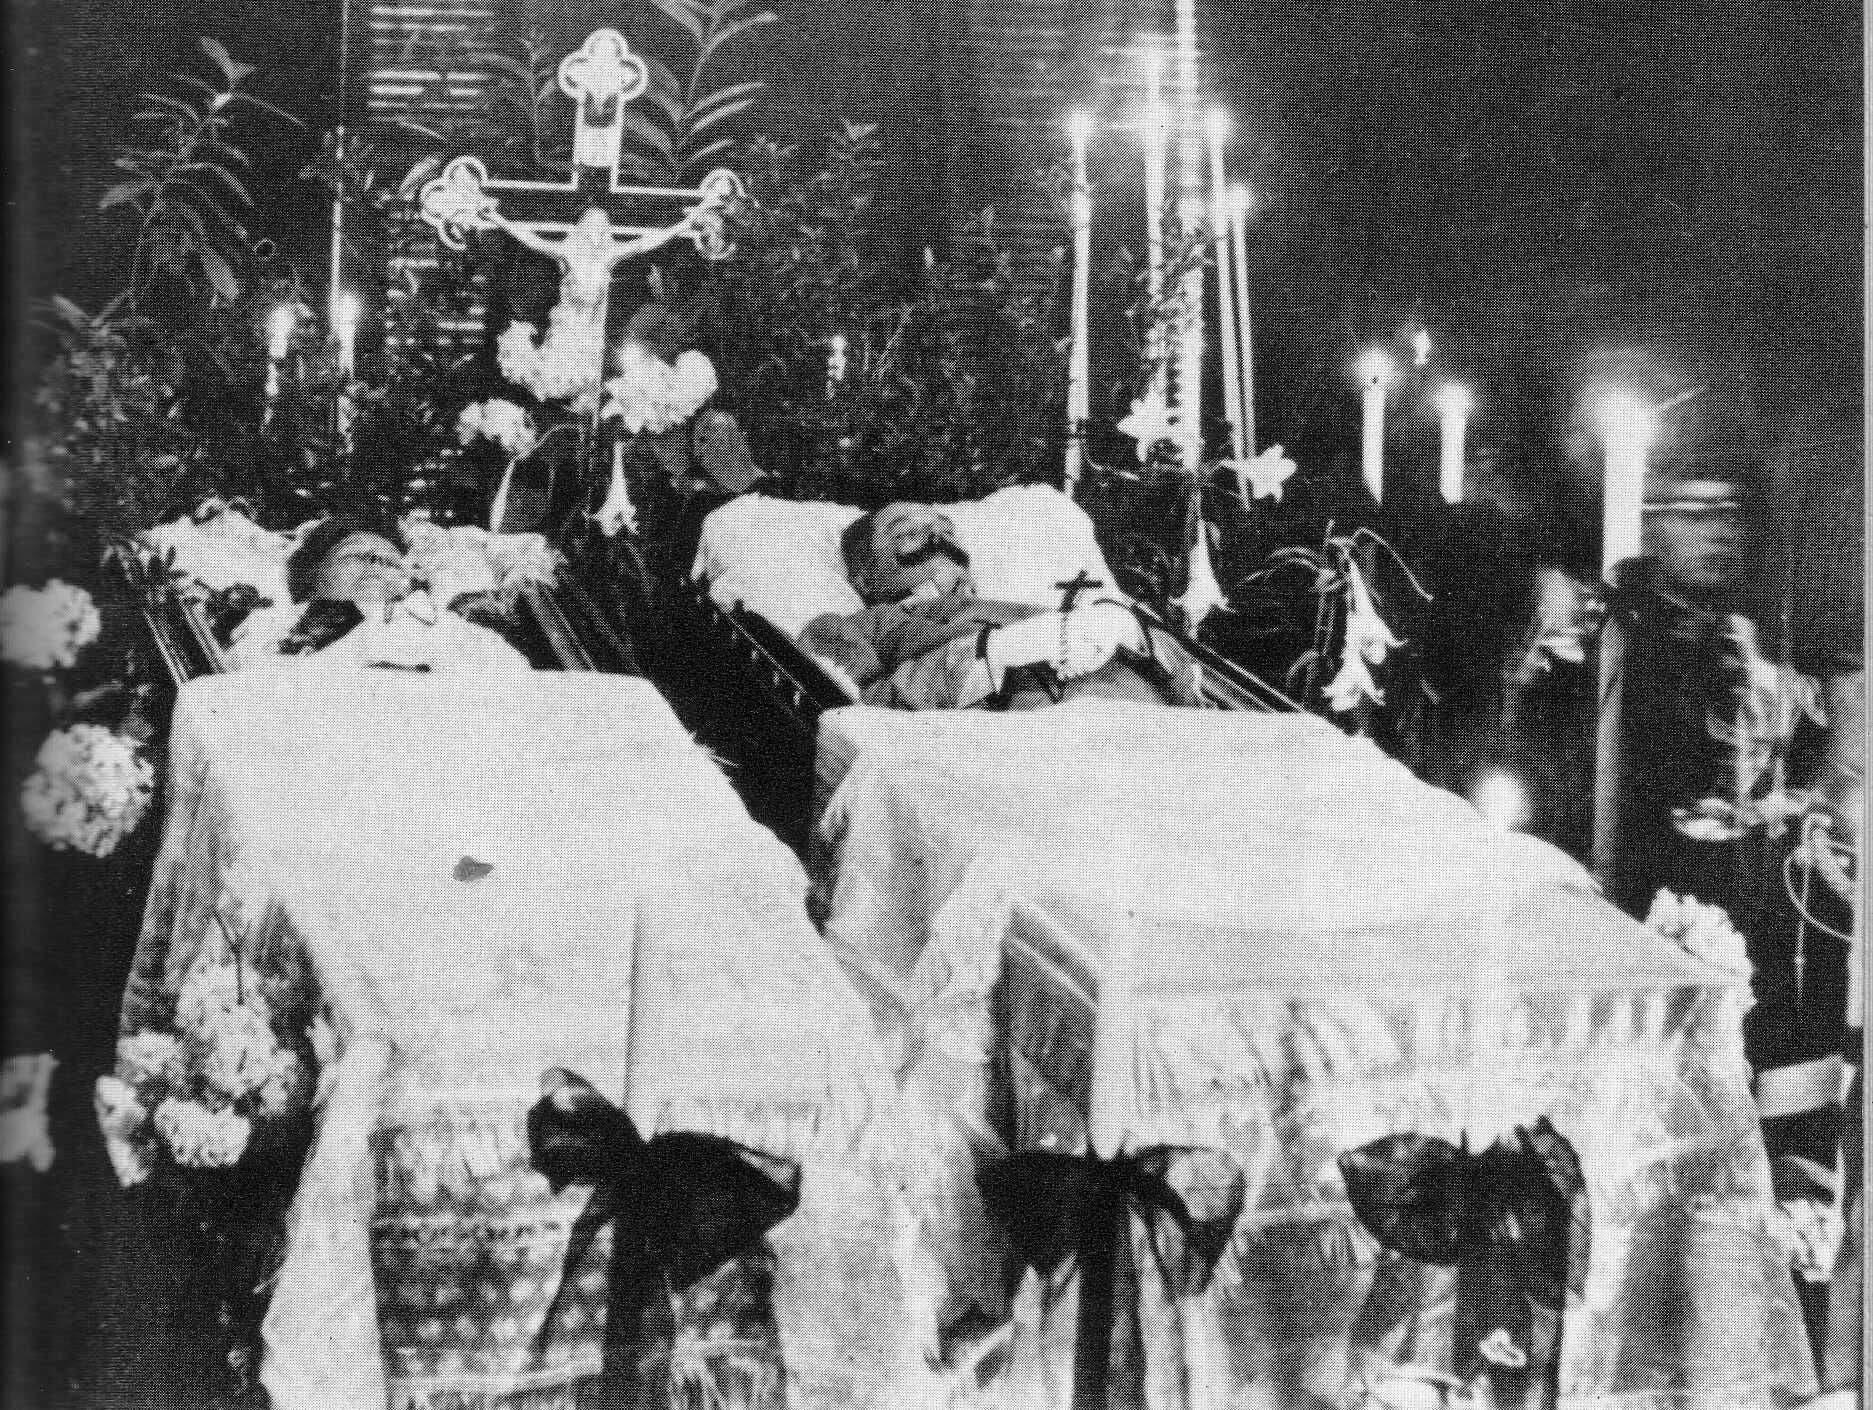 صورة لجثتي ولي عهد النمسا فرانز فرديناند وزوجته صوفي عقب نجاح عملية سراييفو